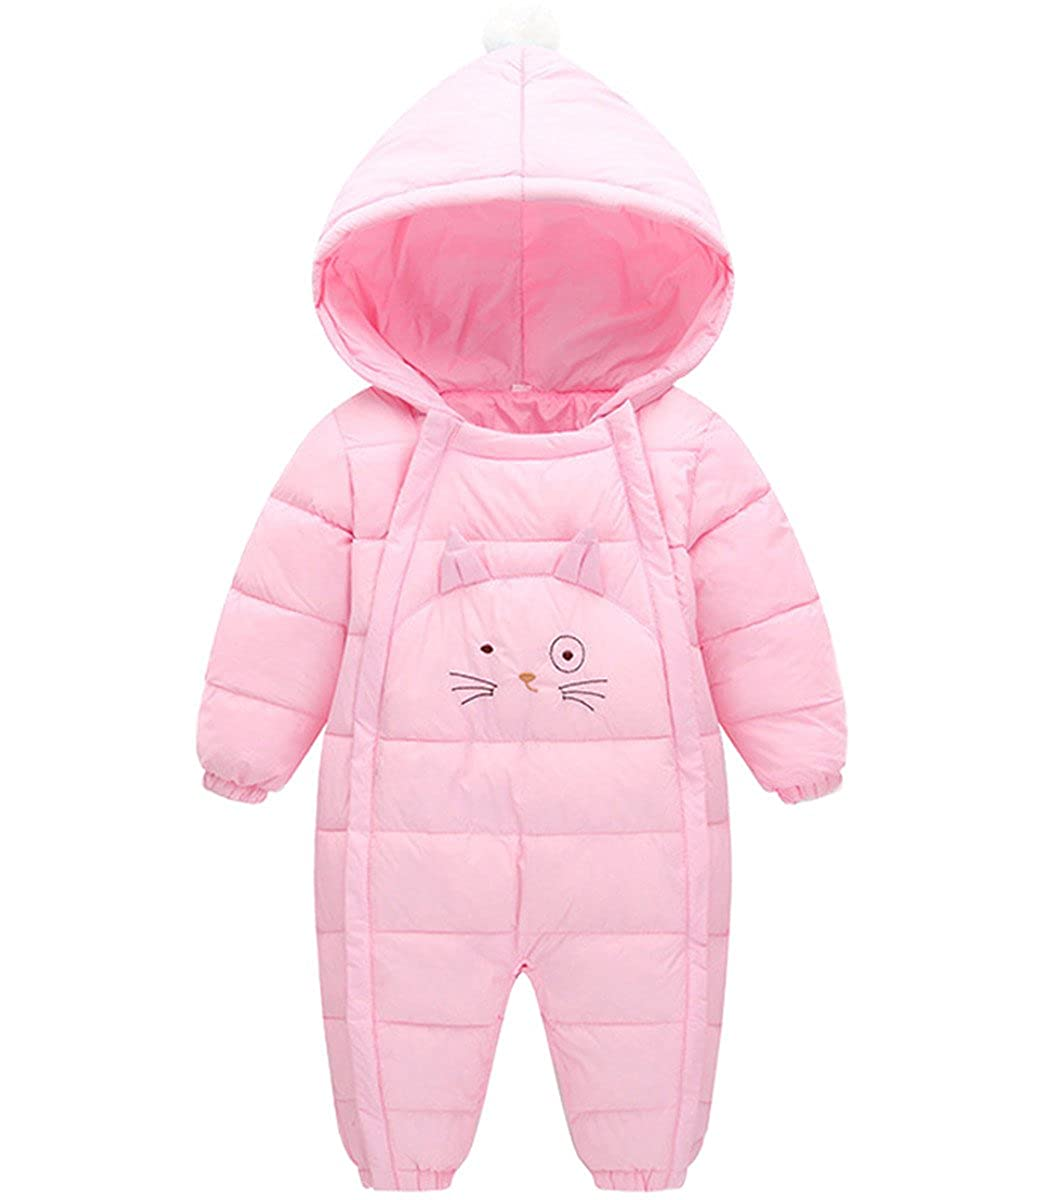 Baby Girls Boys One Piece Cute Cat Winter Down Jacket Romper Jumpsuit SSownsuitybnj731